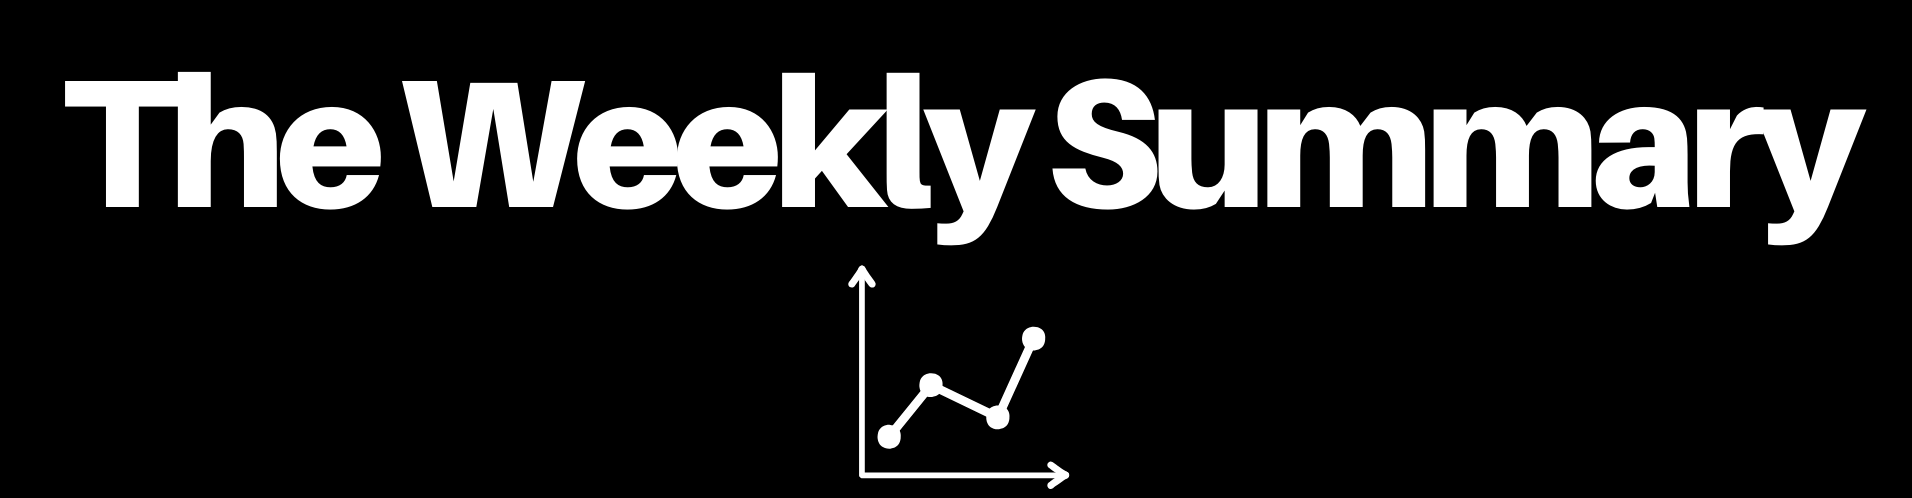 The Weekly Summary